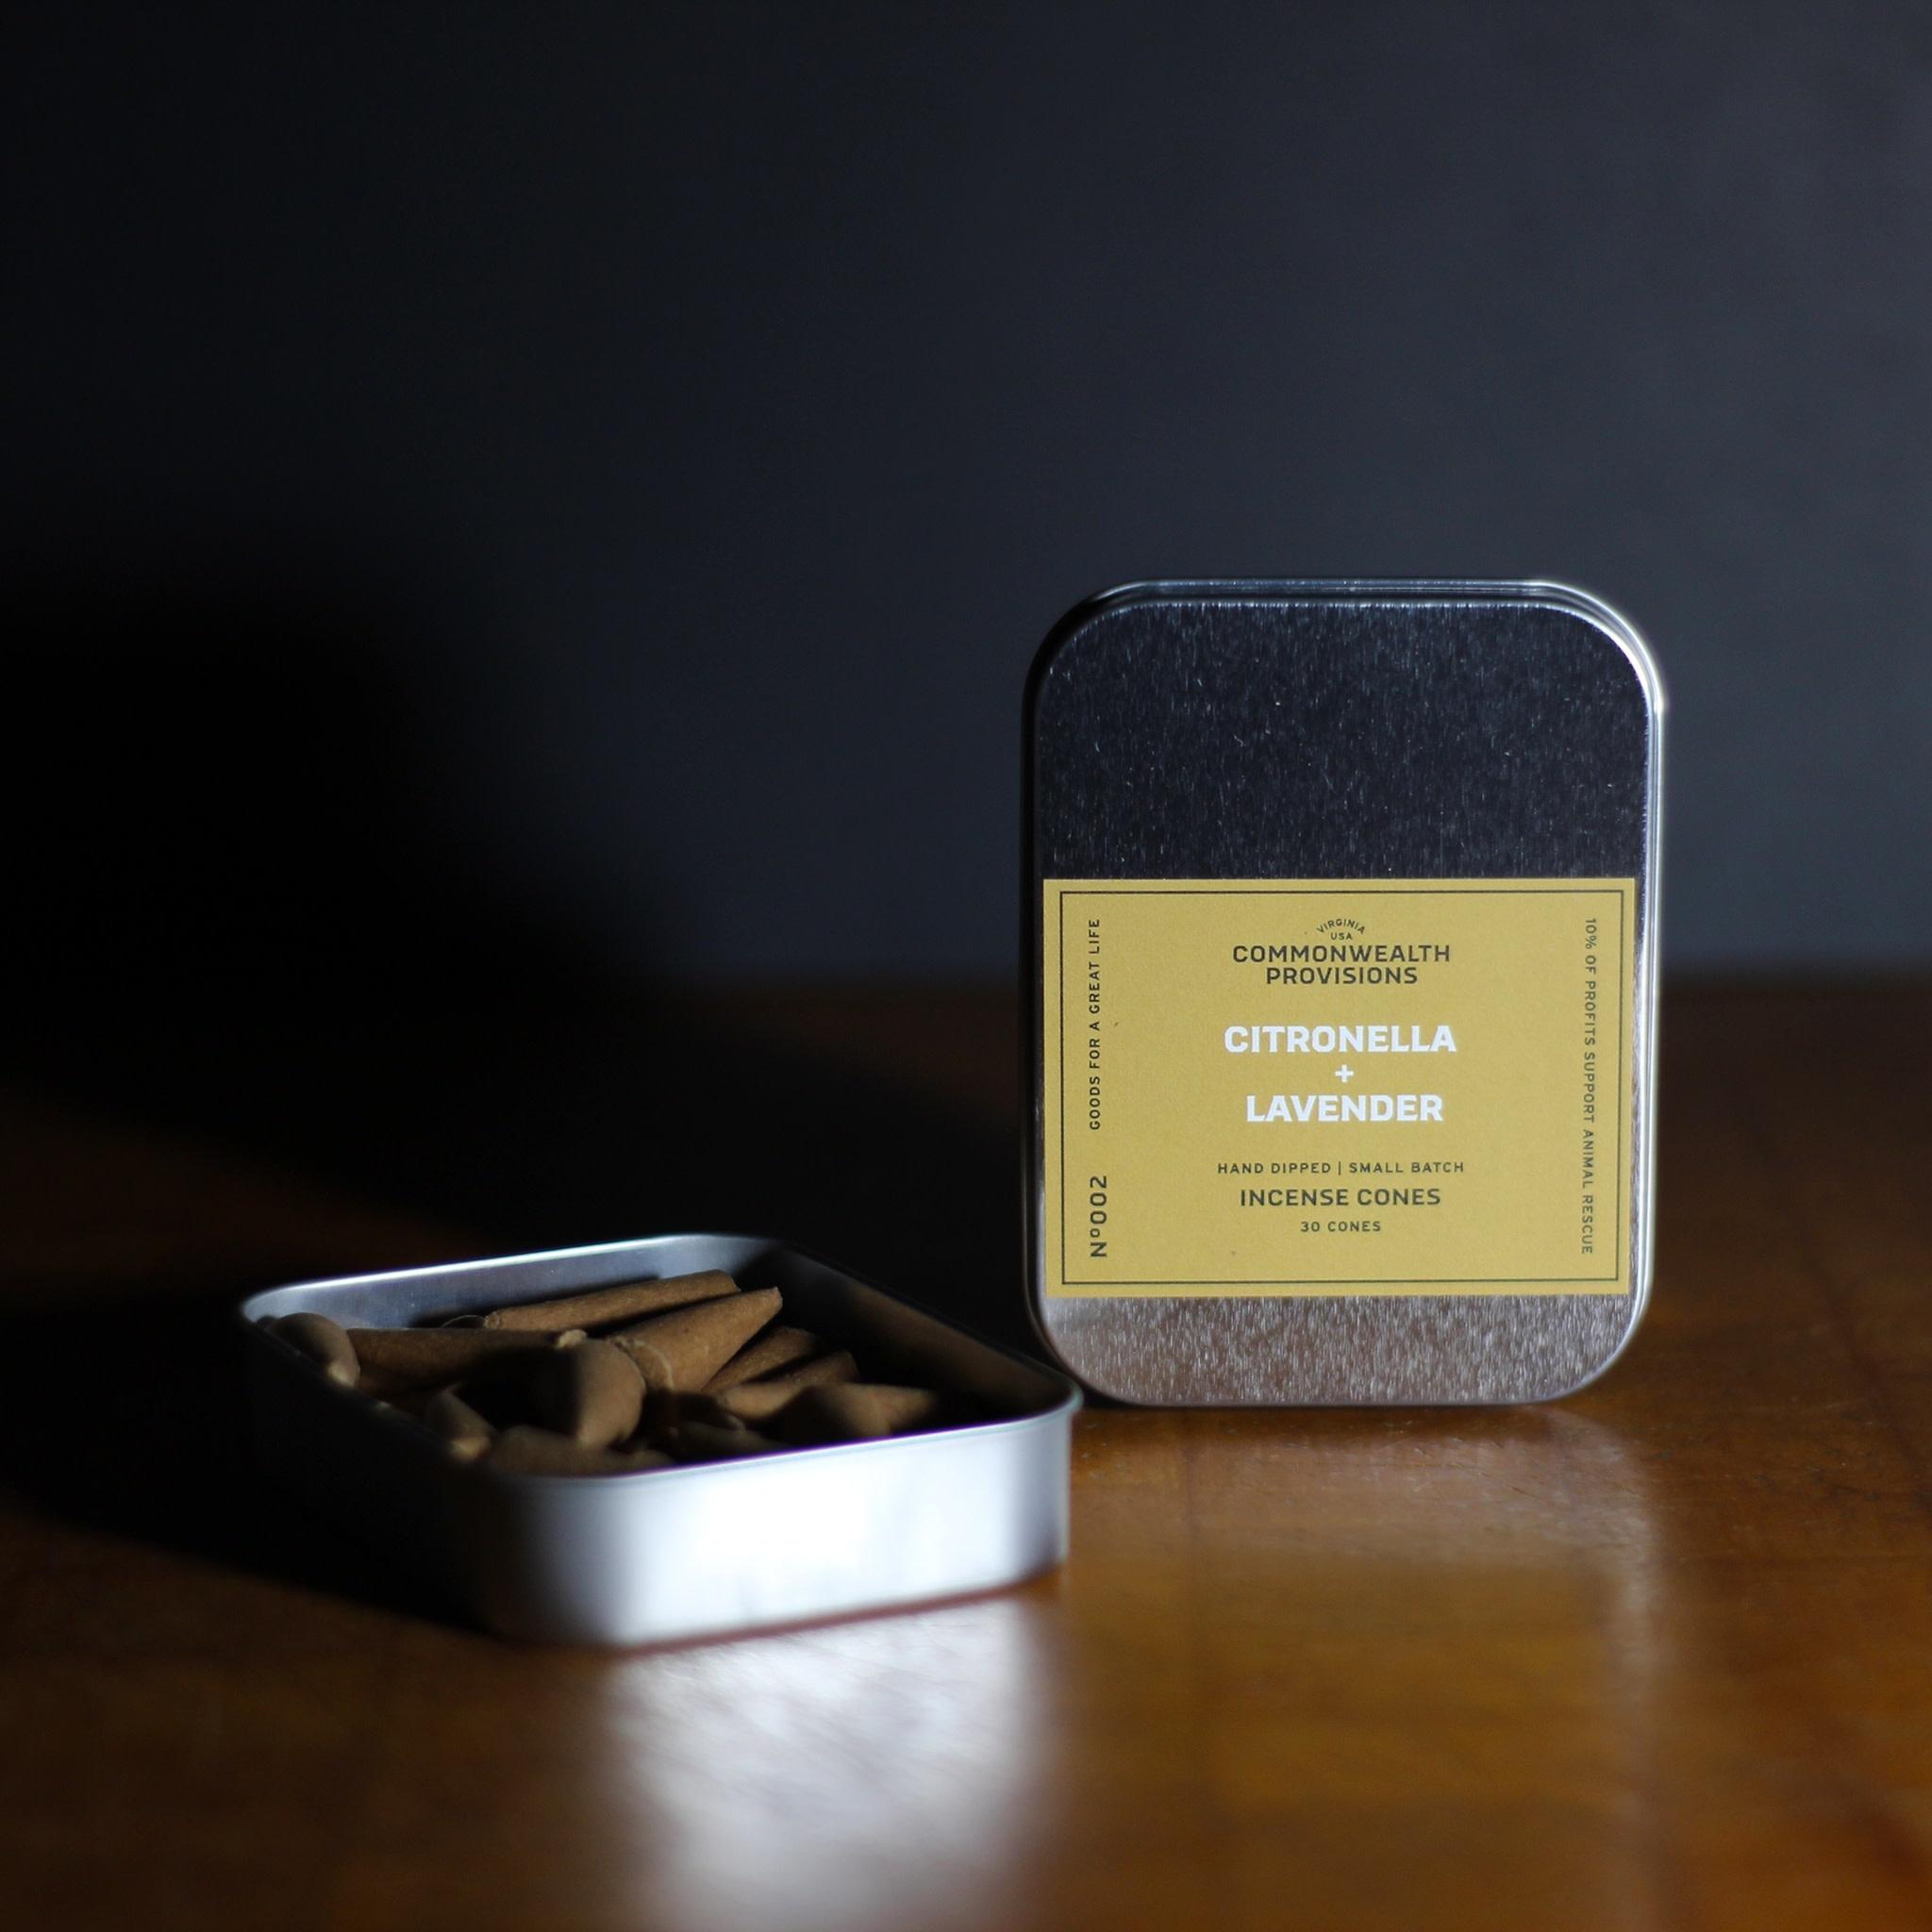 Commonwealth Provisions Citronella & Lavender Incense Cones